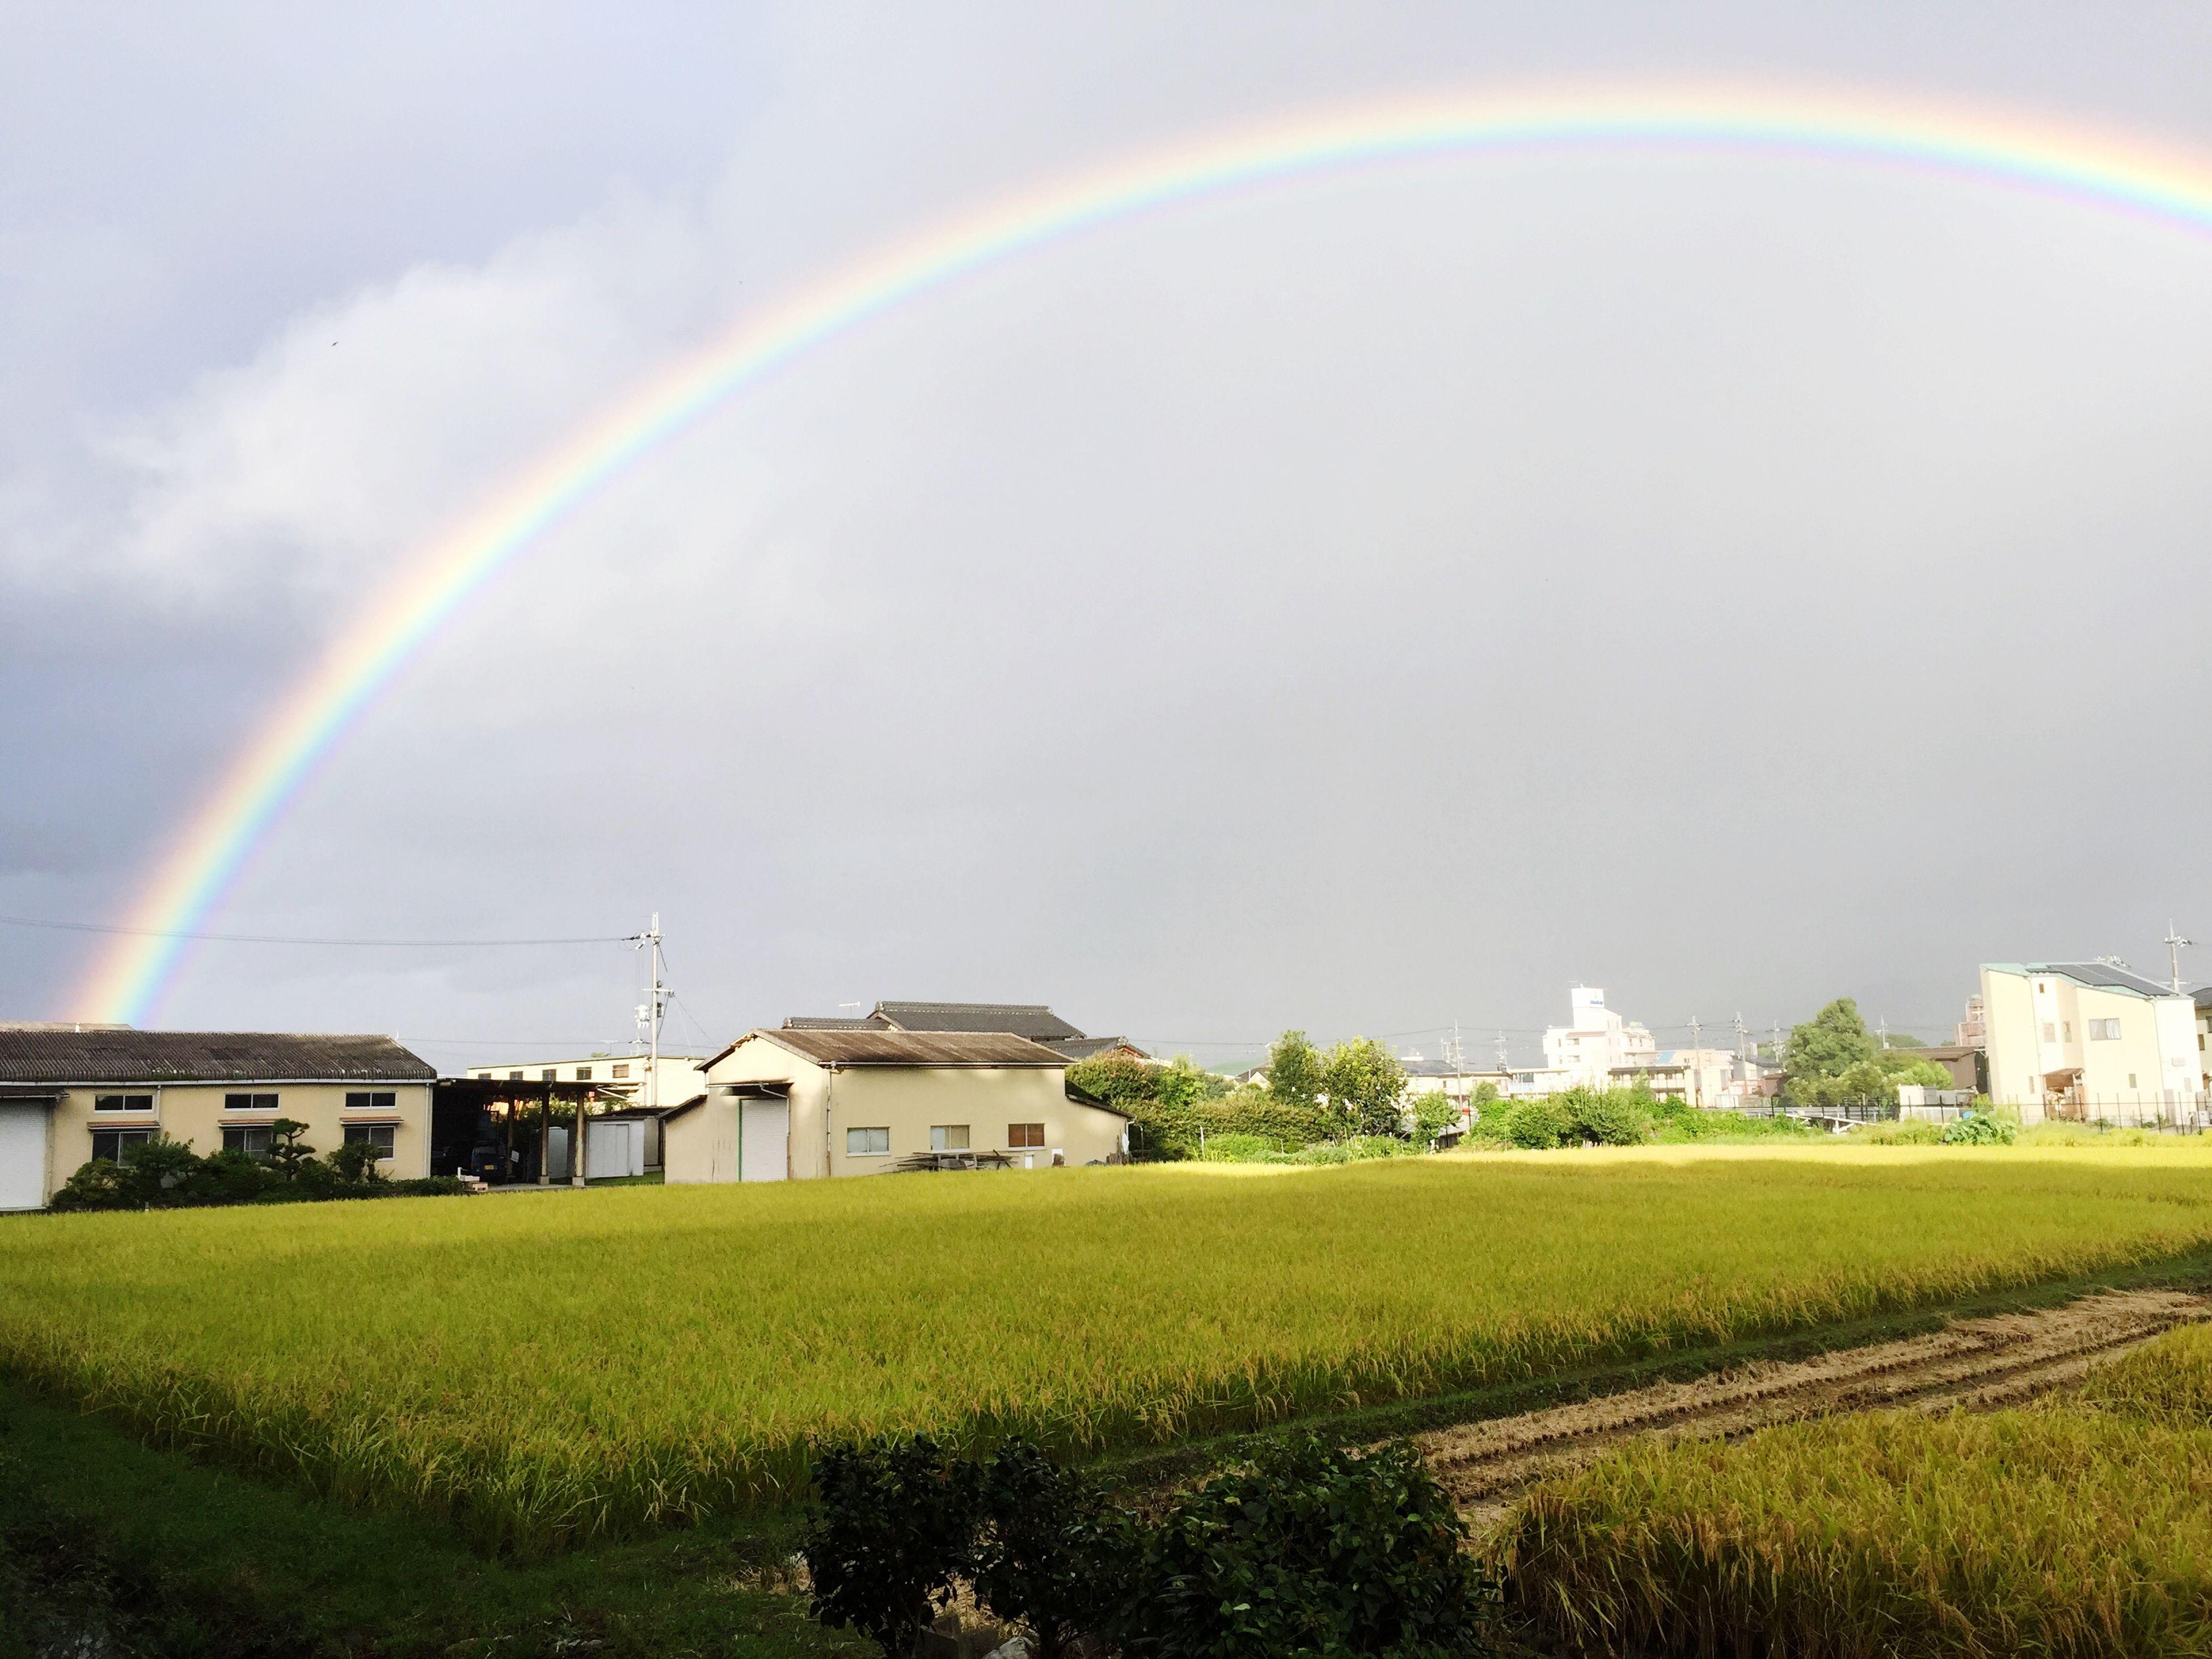 自宅マンション前の田んぼです。虹が綺麗なカーブを描いて🌾稲穂を囲んでいます。